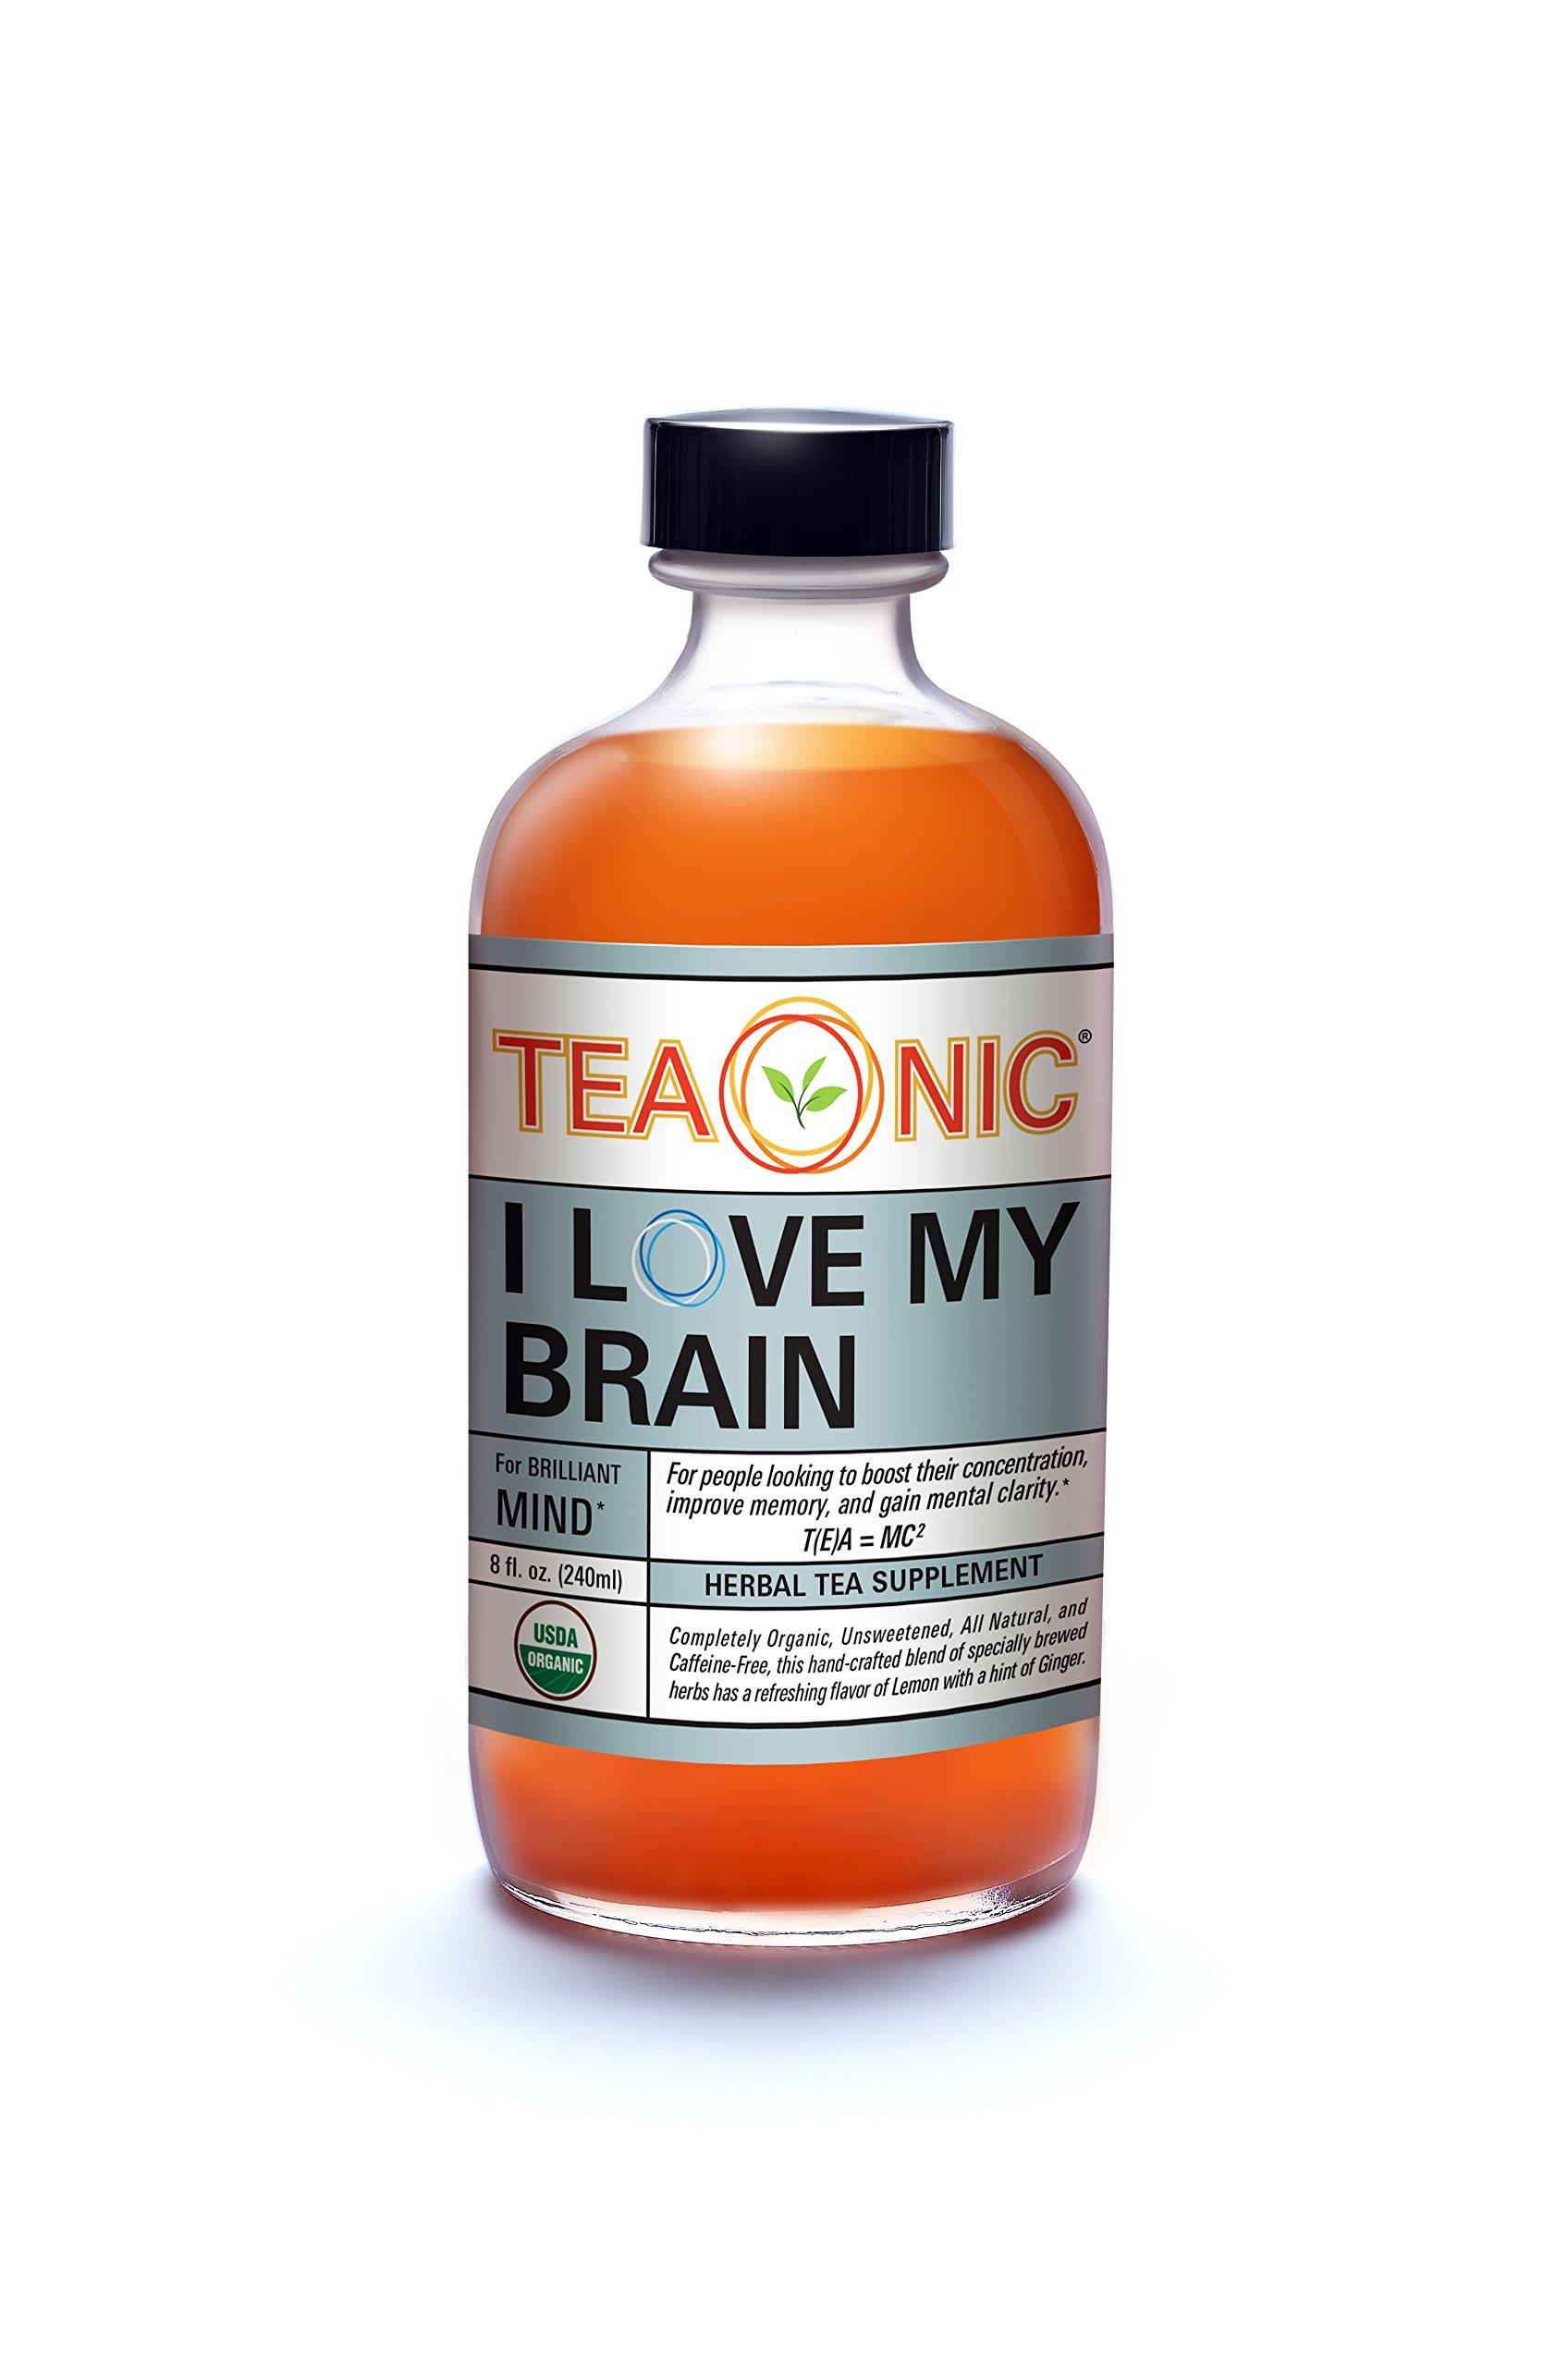 Teaonic Herbal Tea I LOVE MY BRAIN for Brilliant Mind | Lemongrass & Ginger (12 Pack)